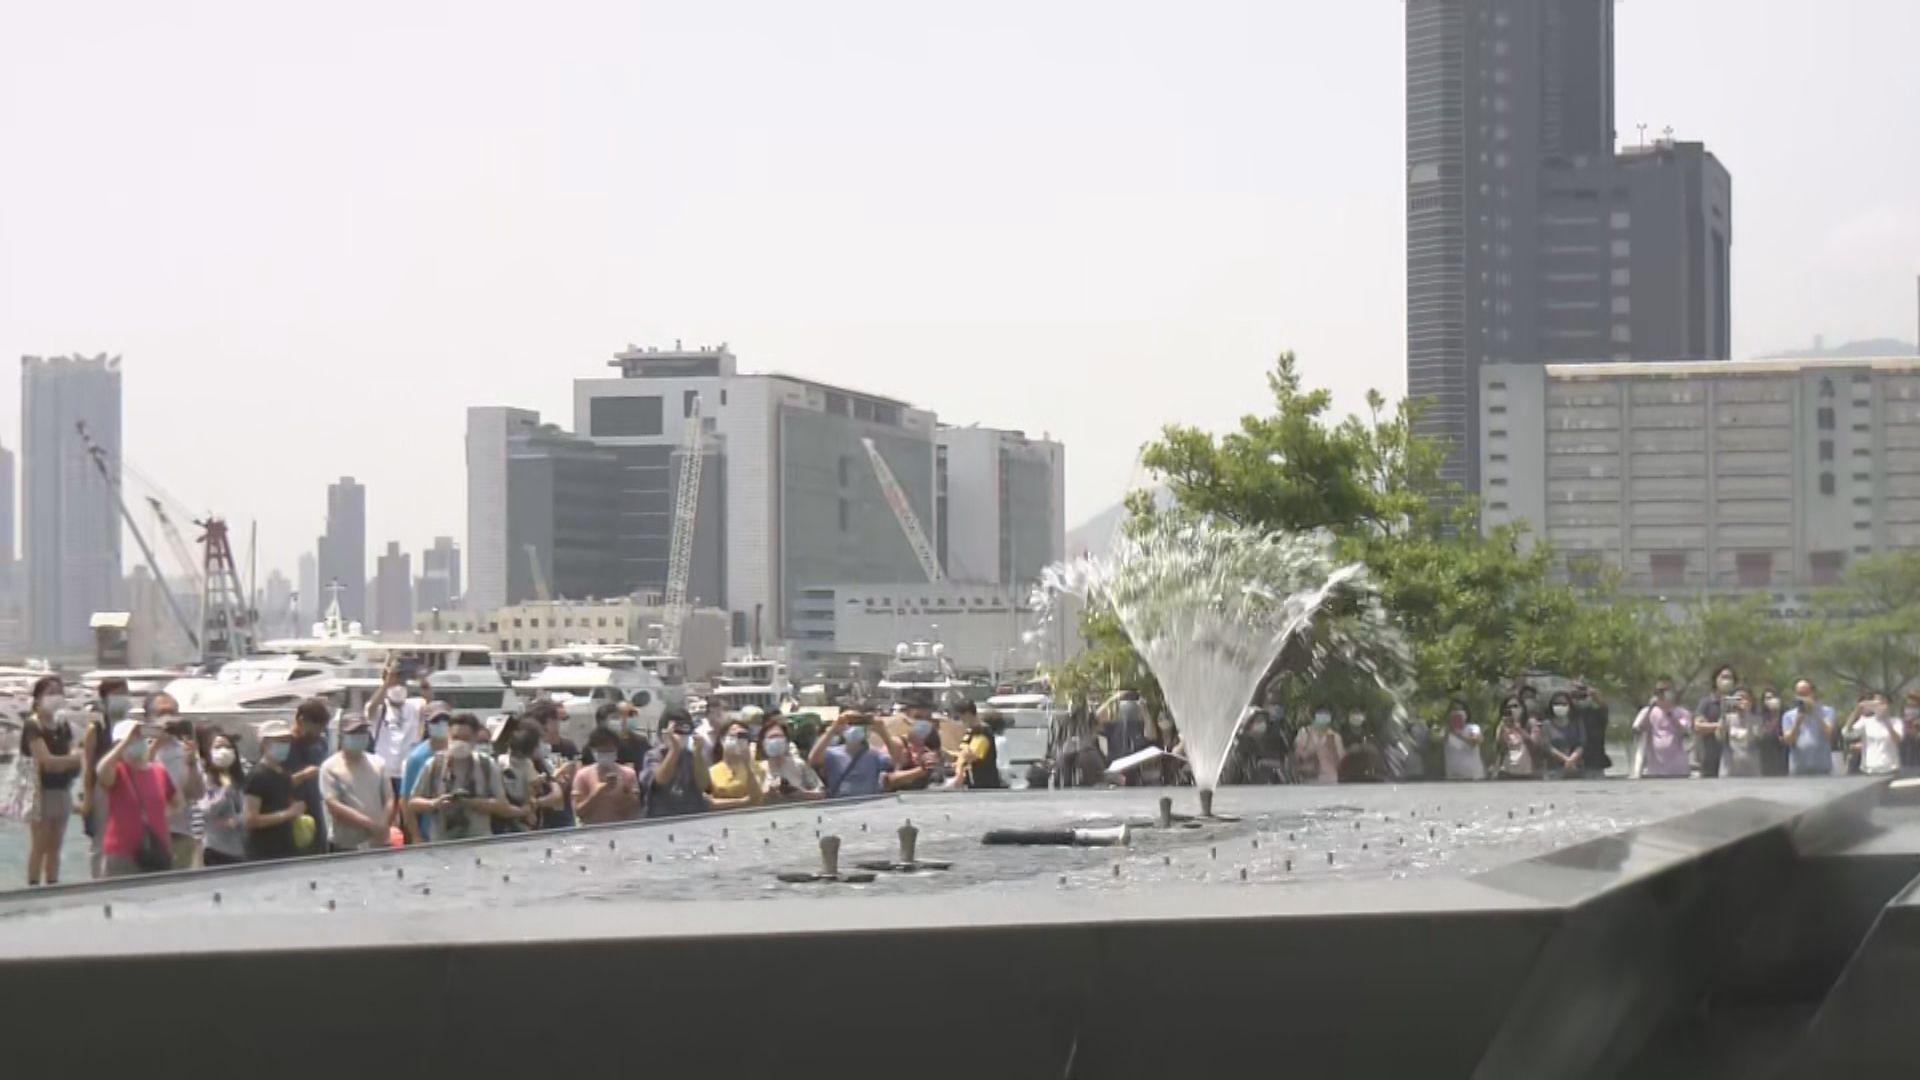 耗資逾五千萬觀塘音樂噴泉啟用 互動嬉水區設感應裝置